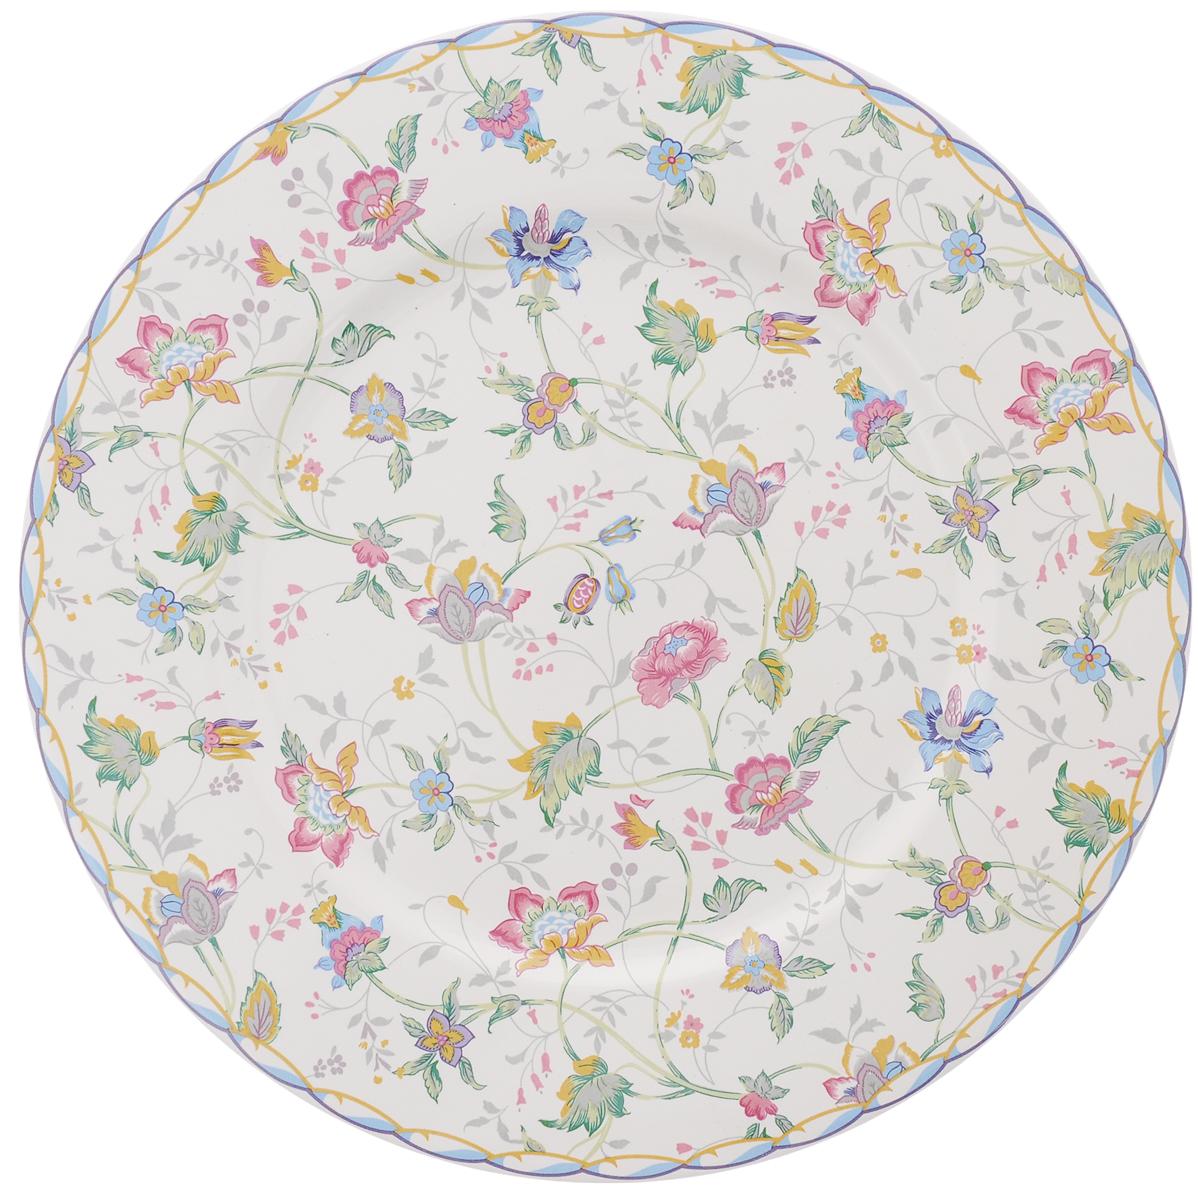 Тарелка House & Holder, диаметр 23 смAJSARN11025Тарелка House & Holder сочетает в себе изысканный дизайн с максимальной функциональностью. Красочность оформления придется по вкусу и ценителям классики, и тем, кто предпочитает утонченность и изысканность. Тарелка выполнена из фаянса. Оригинальный рисунок придает набору особый шарм, который понравится каждому.Диаметр тарелки: 23 см.